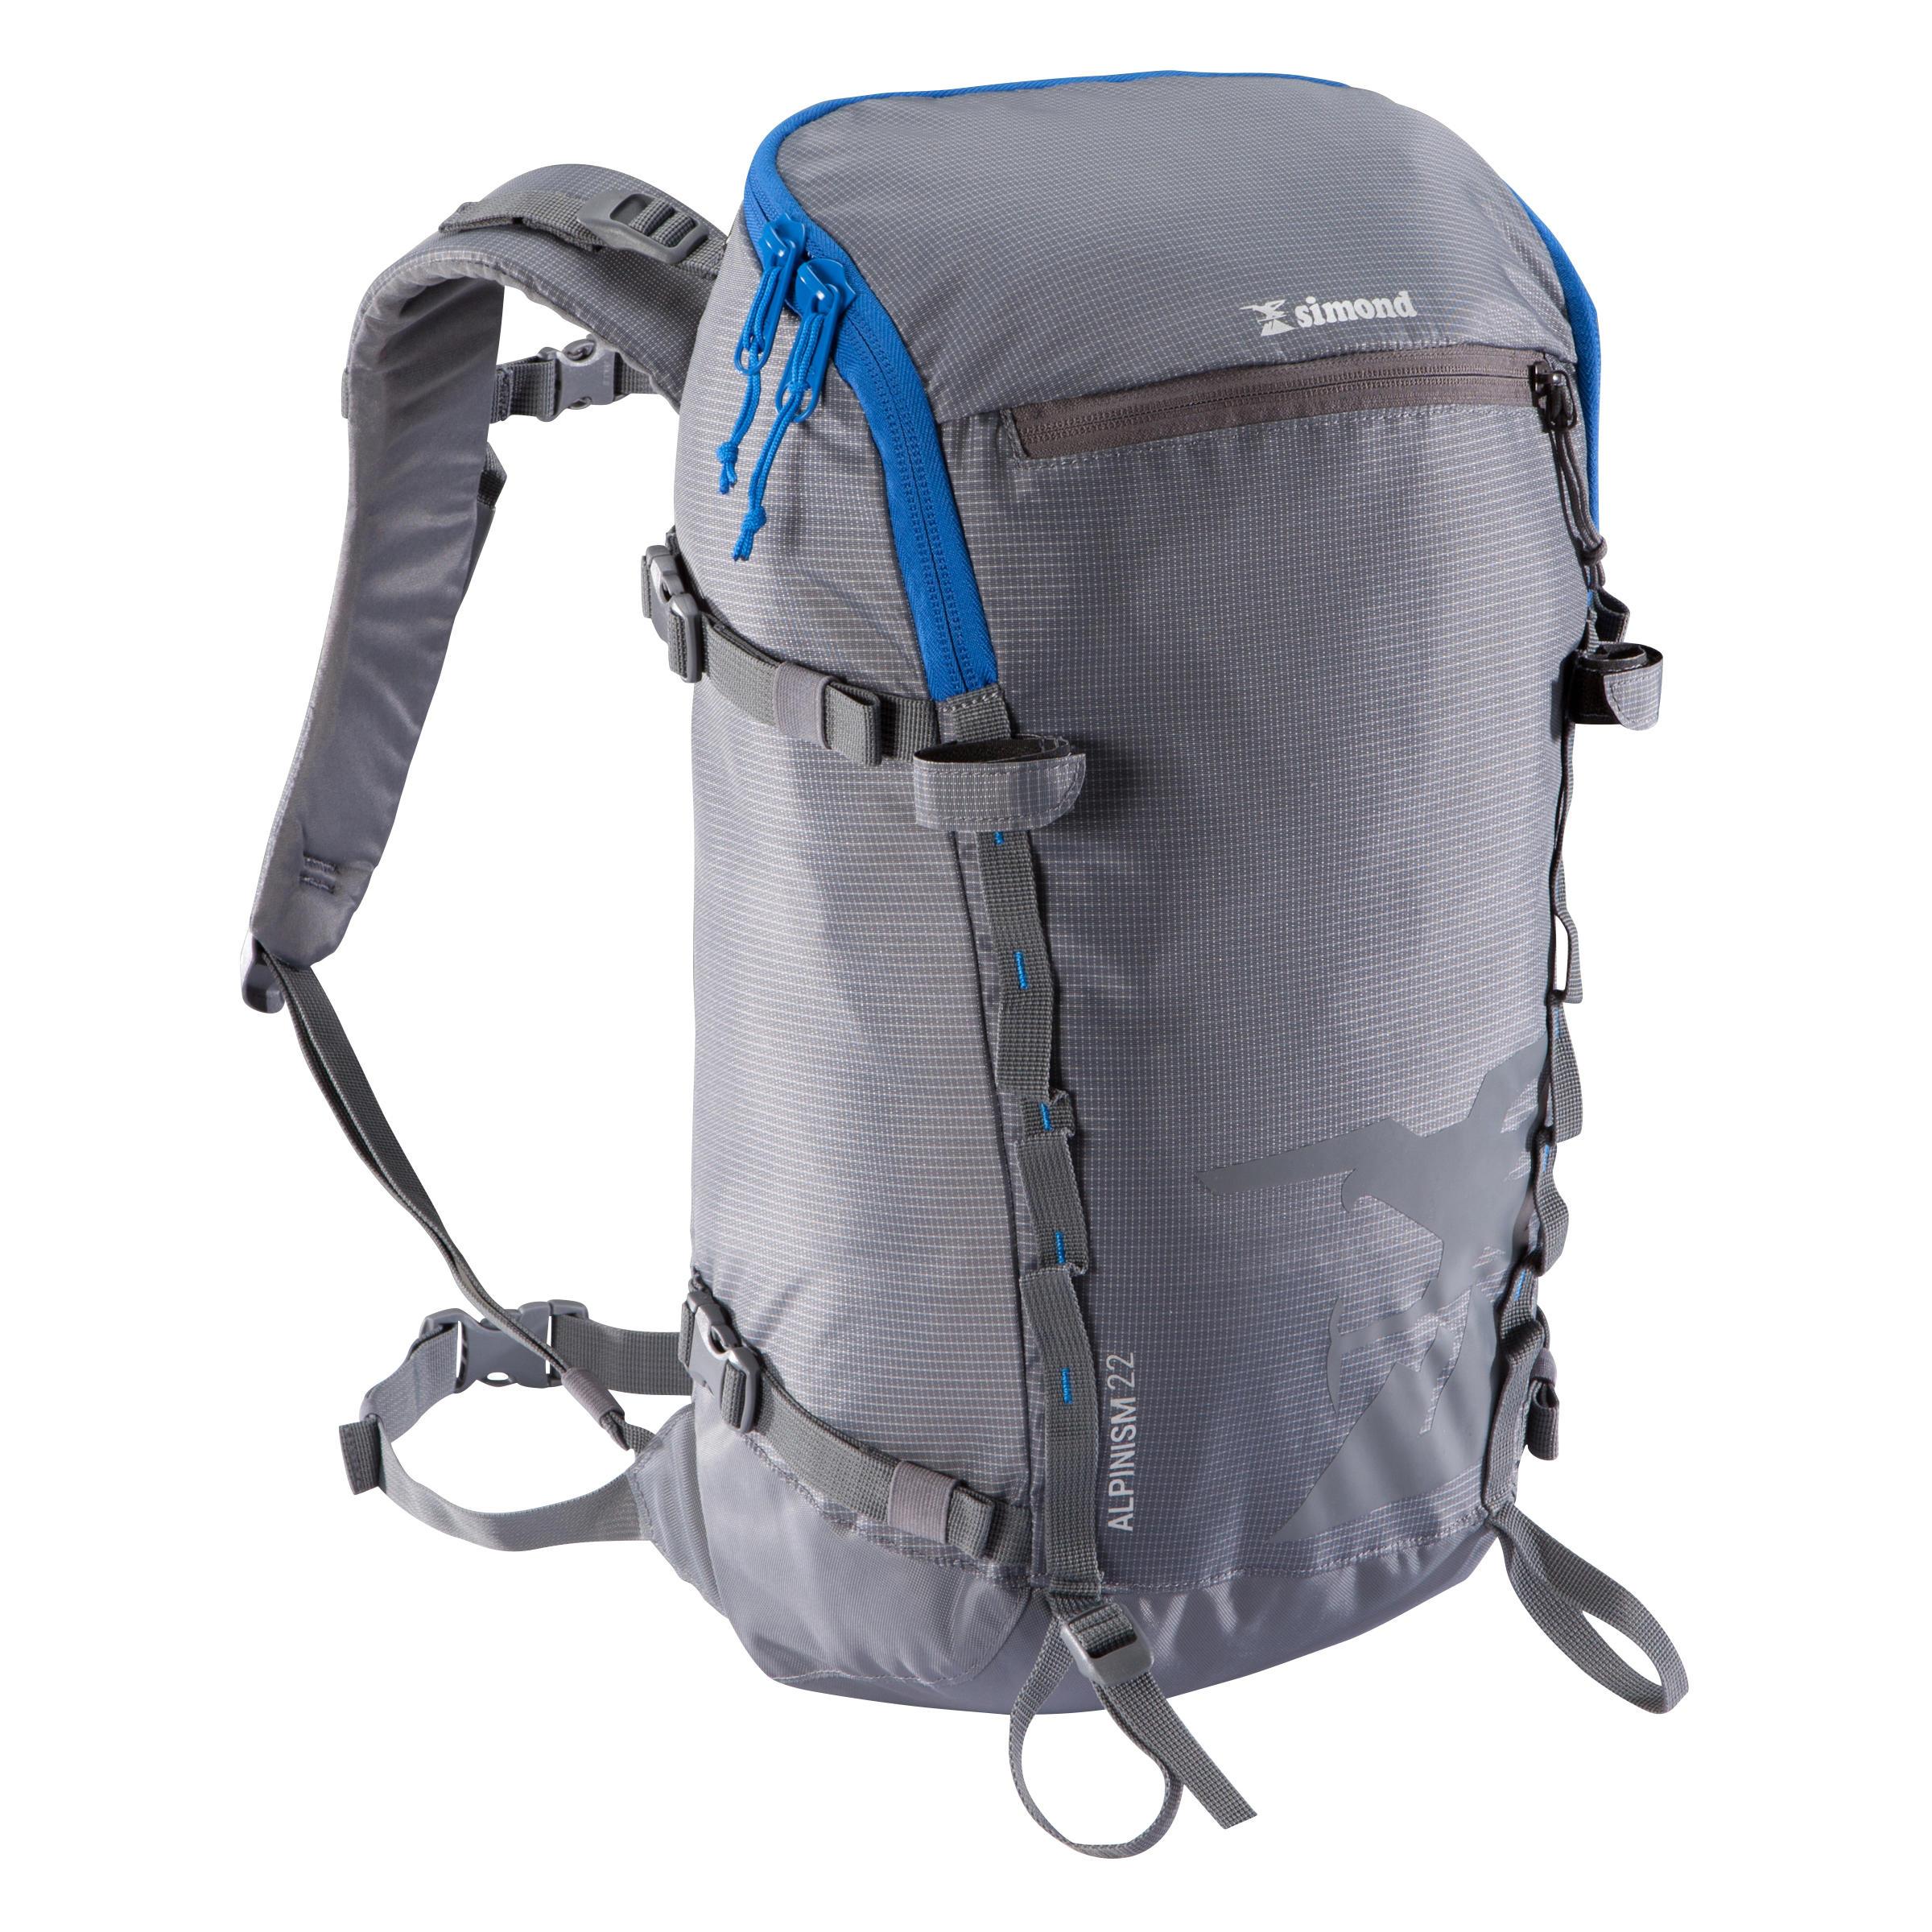 Backpack 22L Simond...